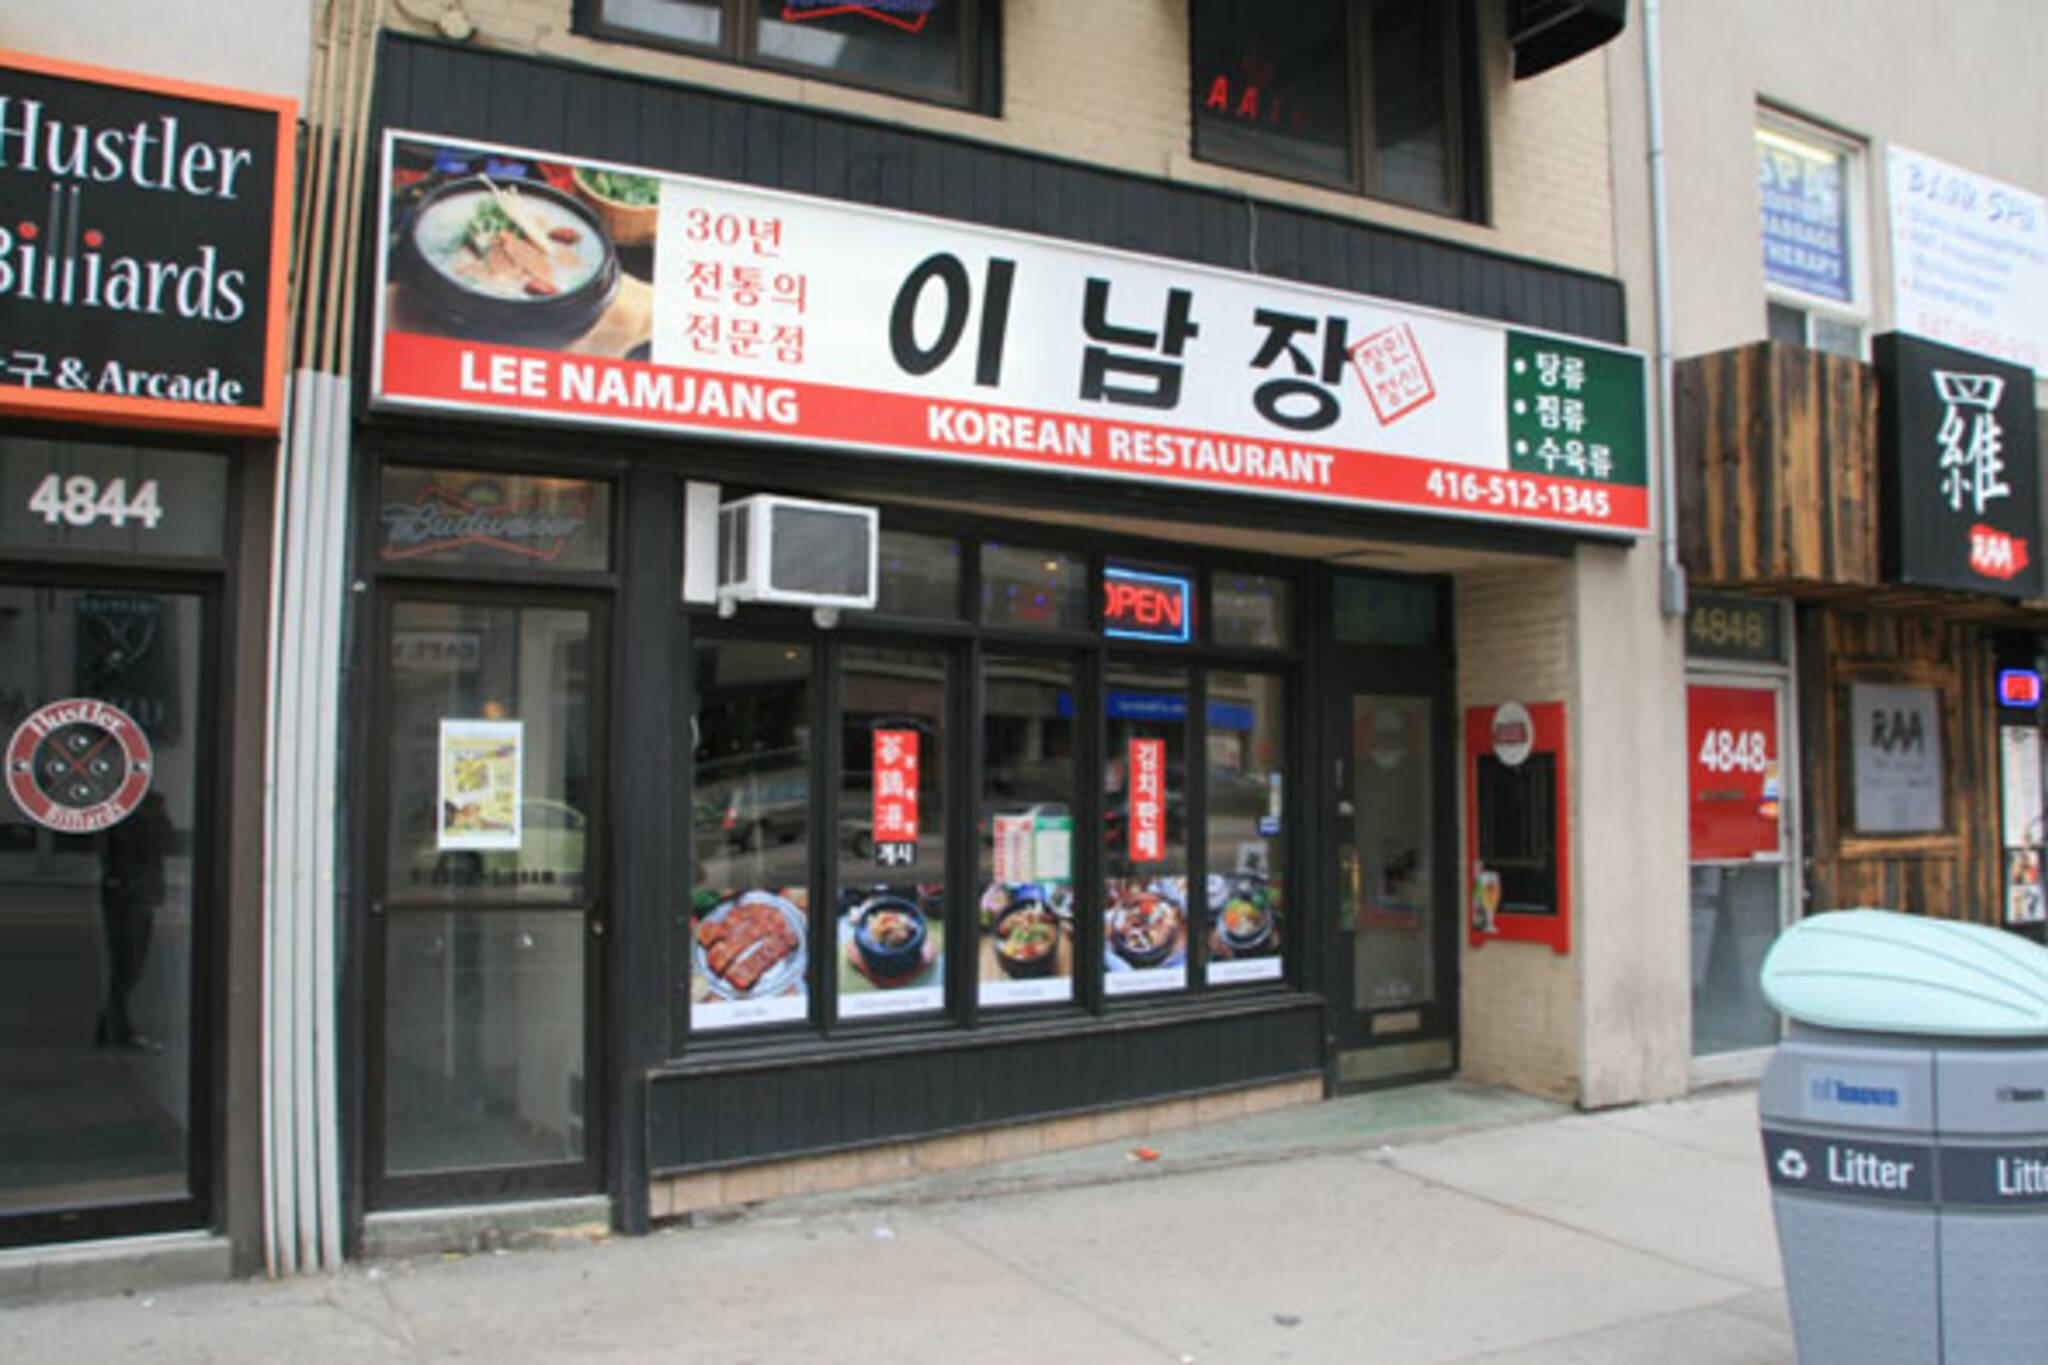 Lee Namjang Toronto